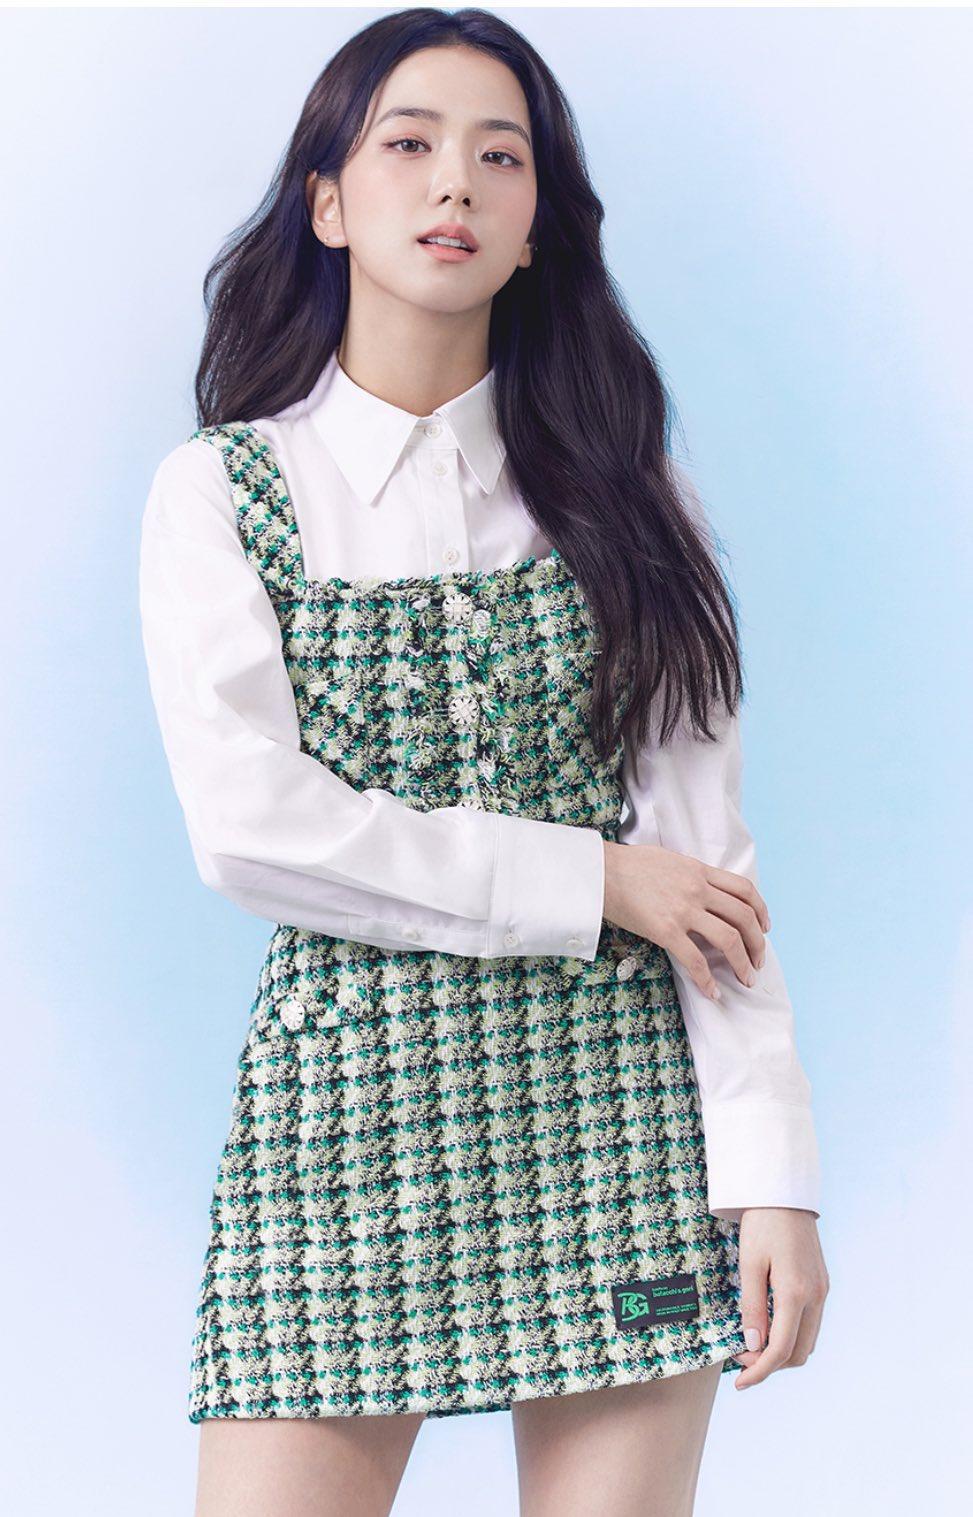 """""""Nữ thần mùa Xuân"""" gọi tên Jisoo: Hay bị chê nhạt nhất nhóm nhưng giờ làm mẫu thời trang sang như tiểu thư tài phiệt - Ảnh 3."""